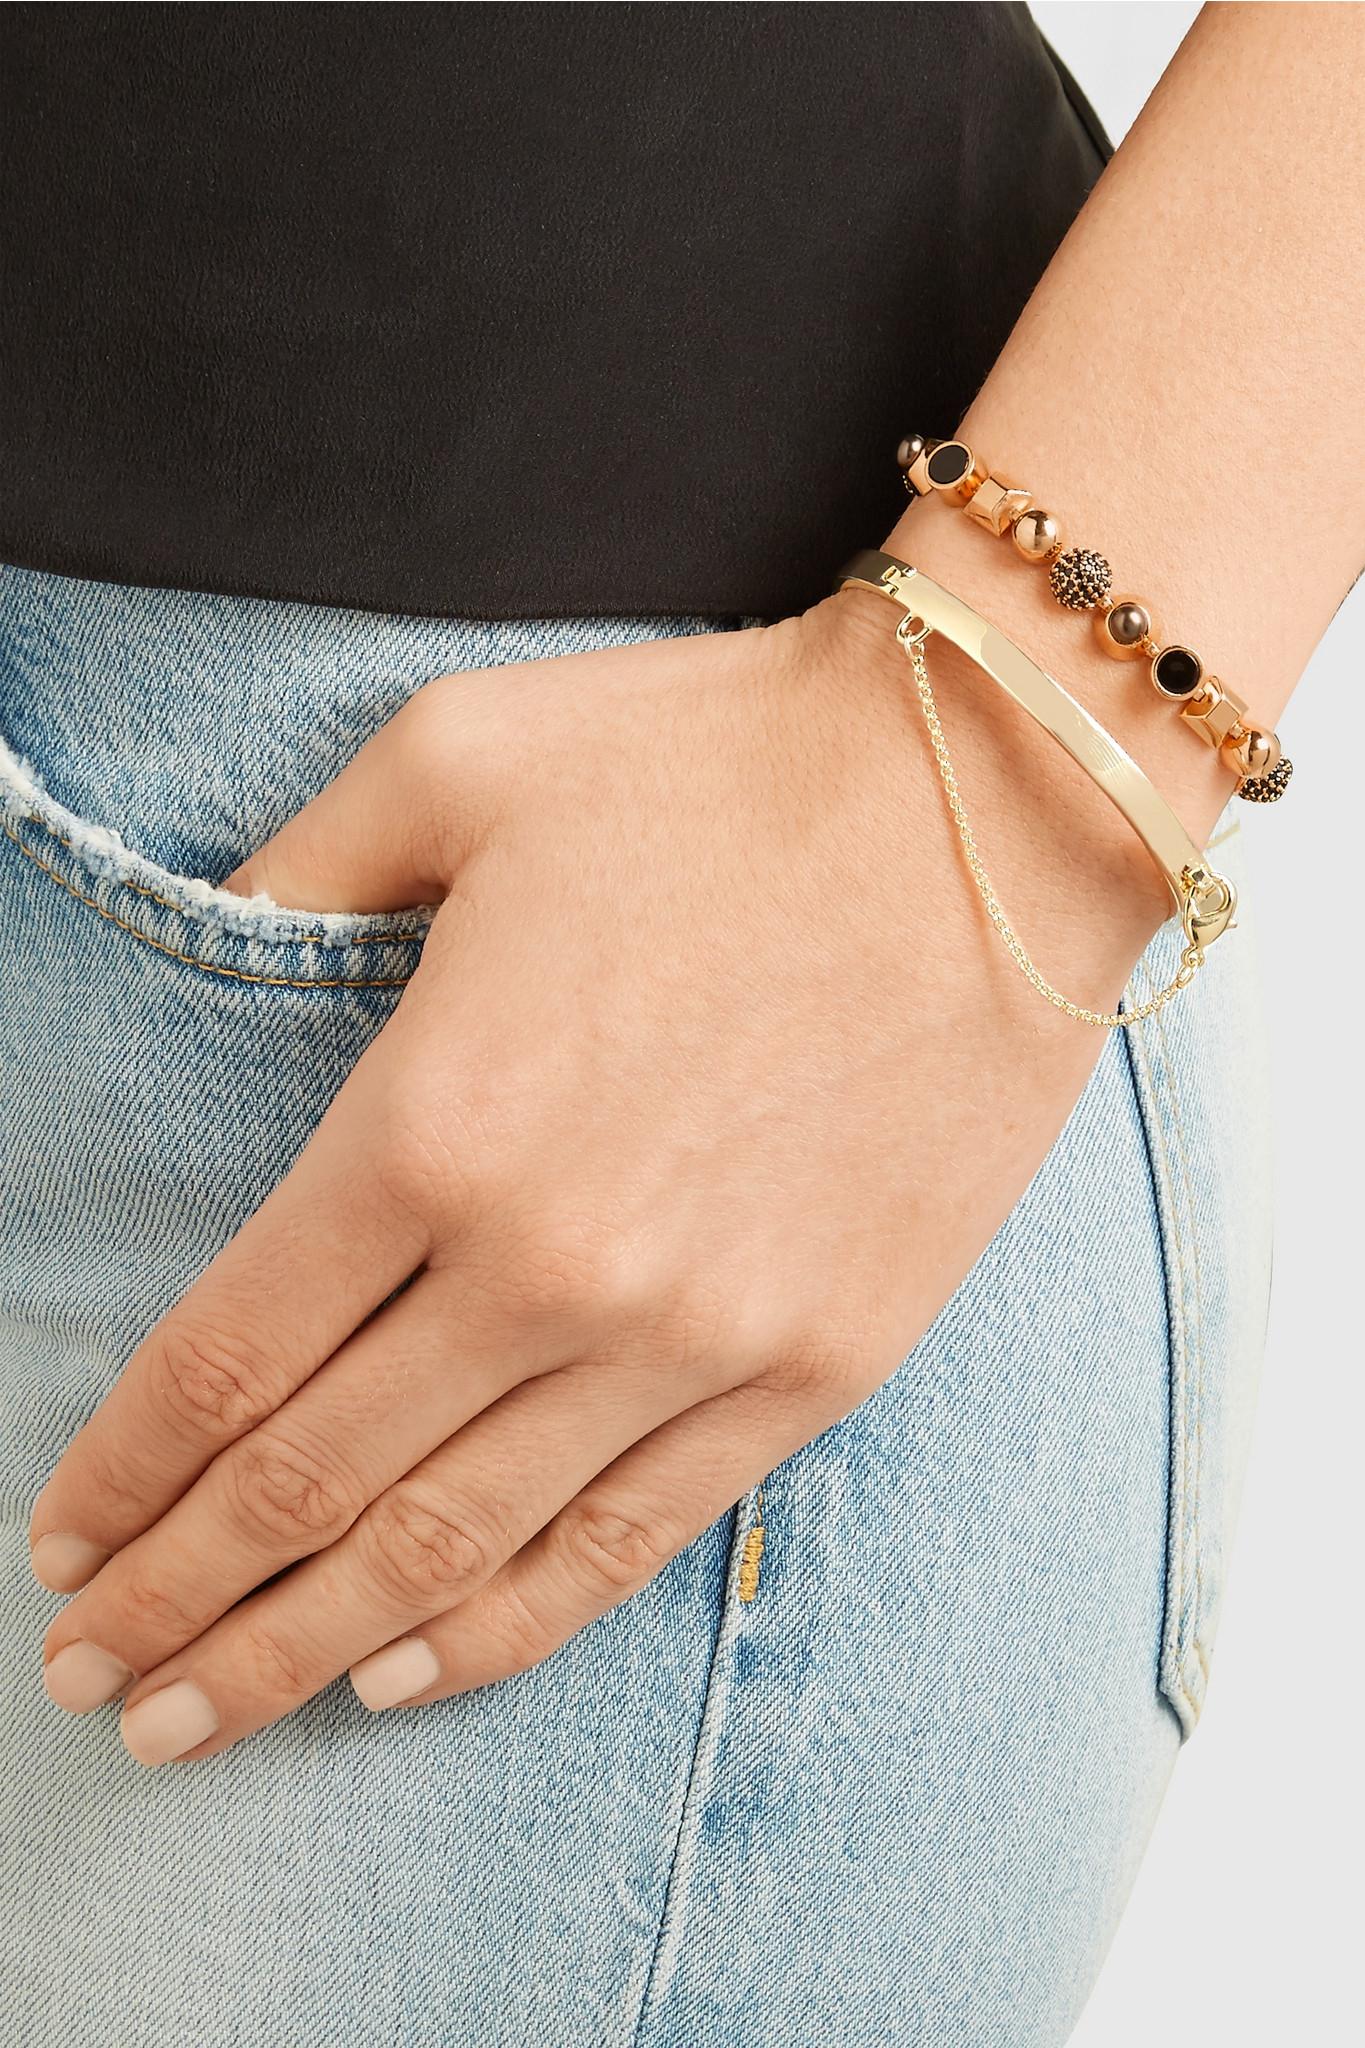 Eddie Borgo Safety chain bracelet UuktJO7